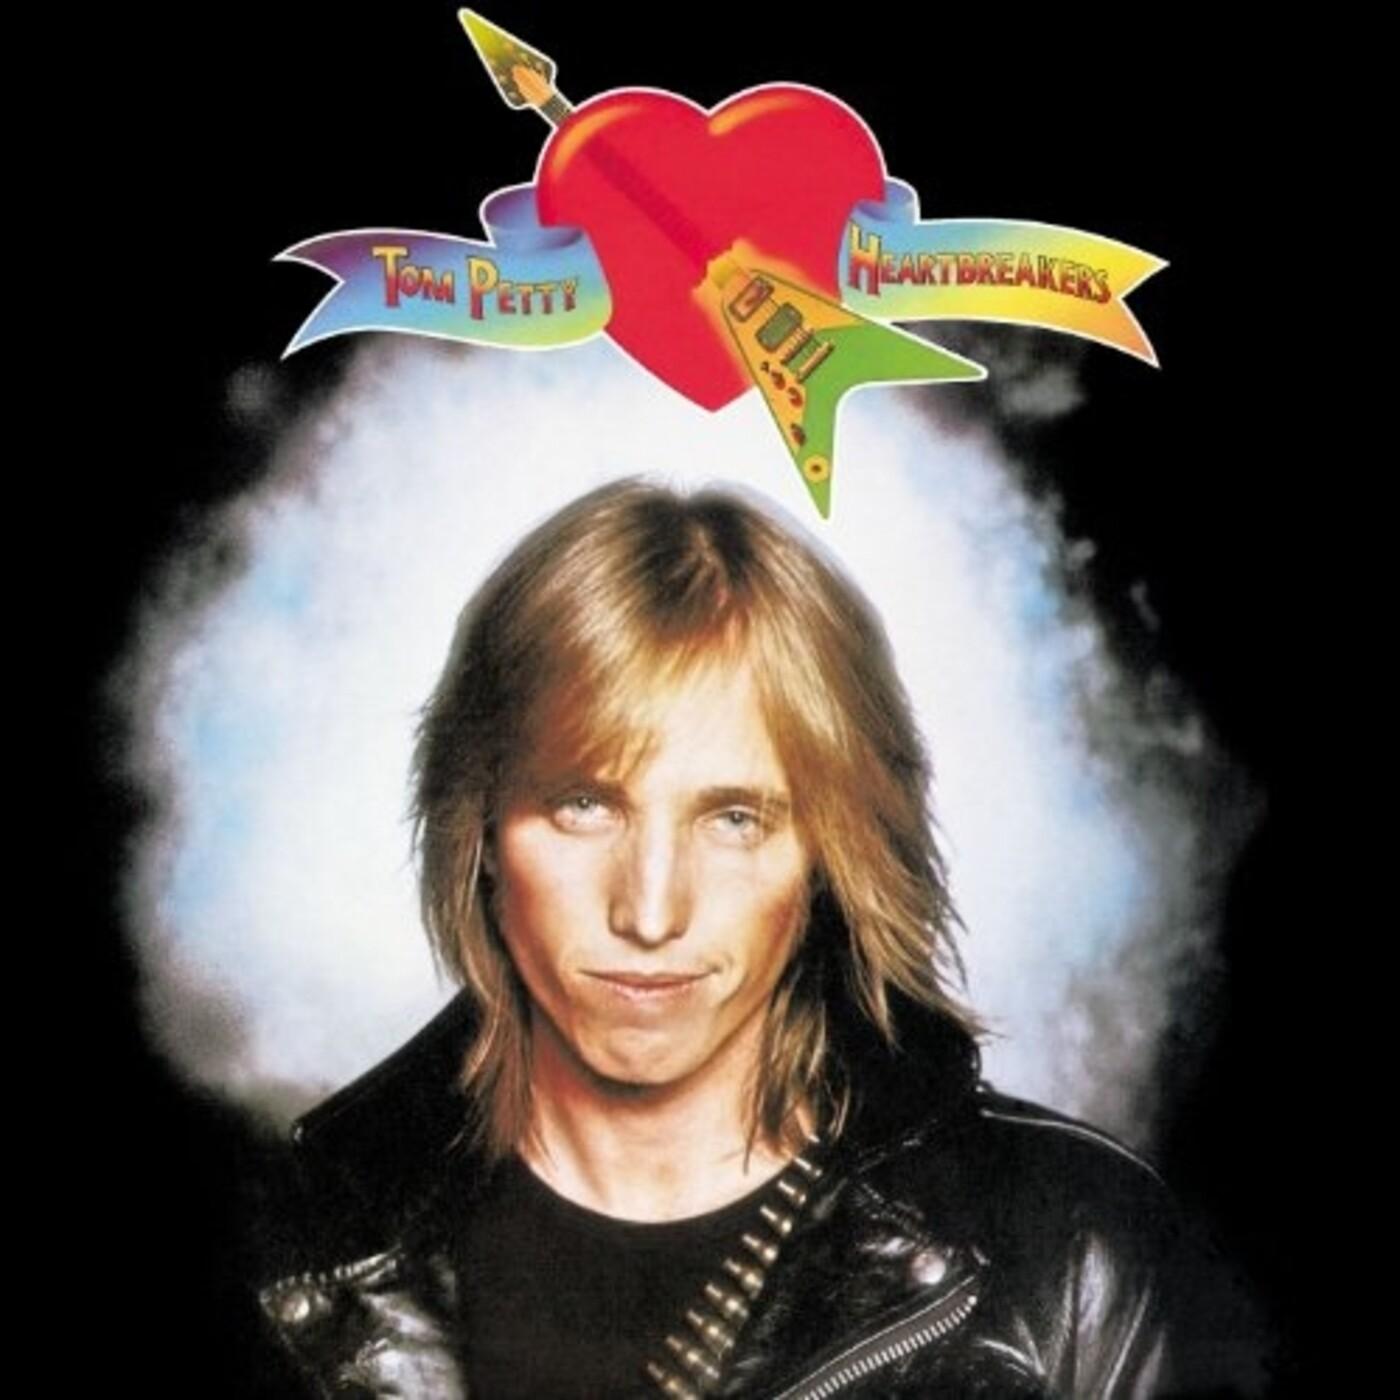 Especial Tom Petty en La Gran Travesía. 1ª Parte.